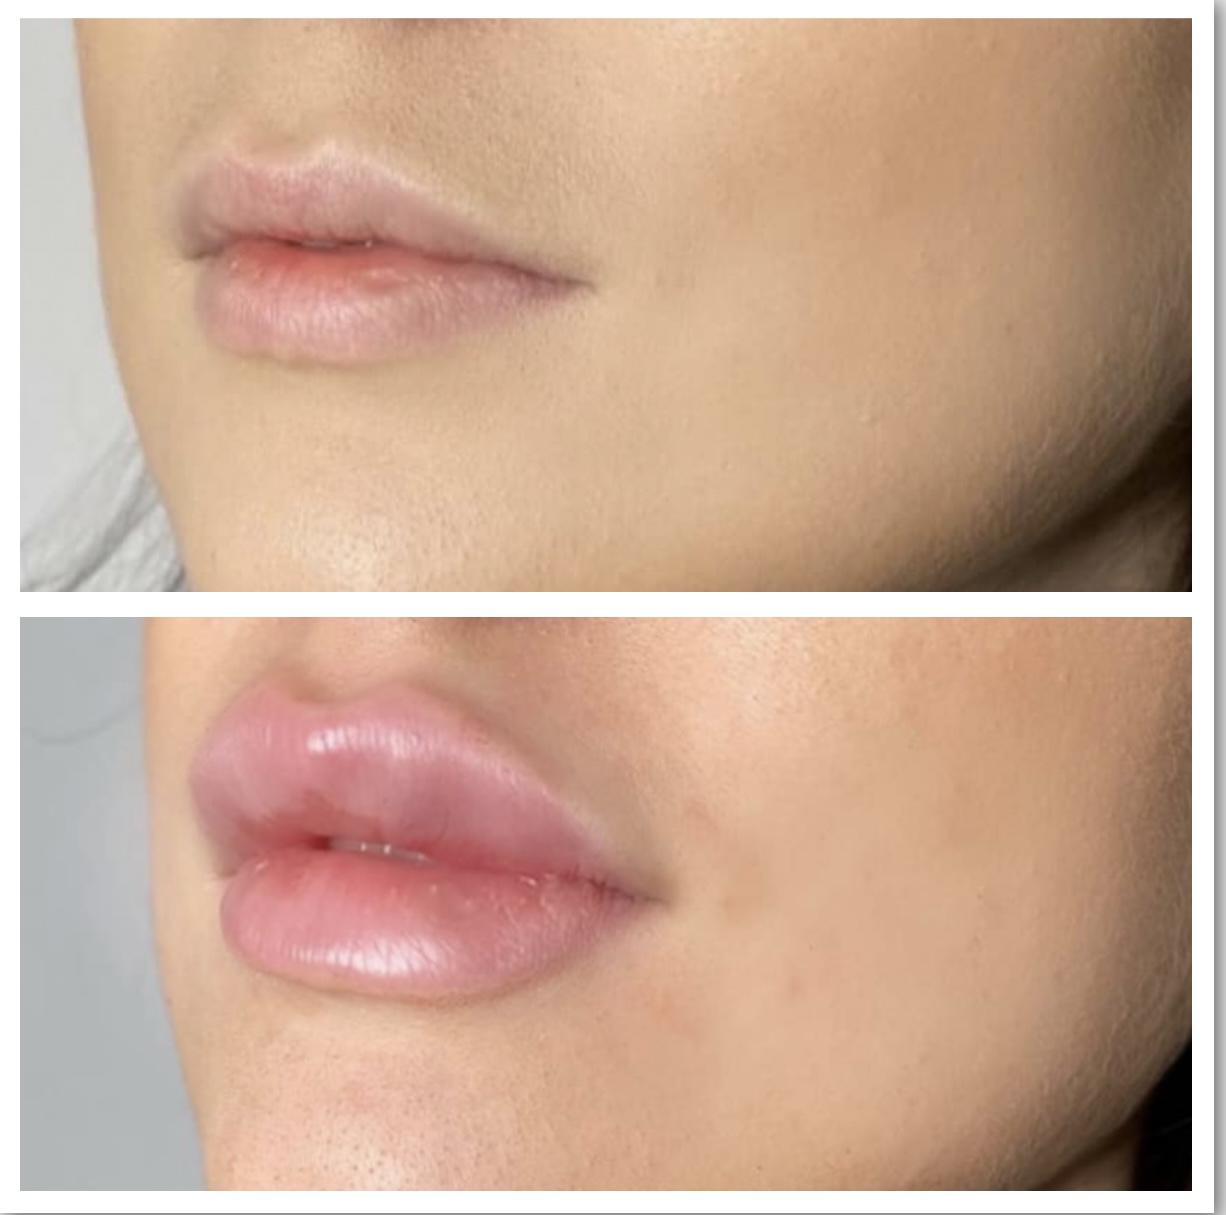 comparison of lips